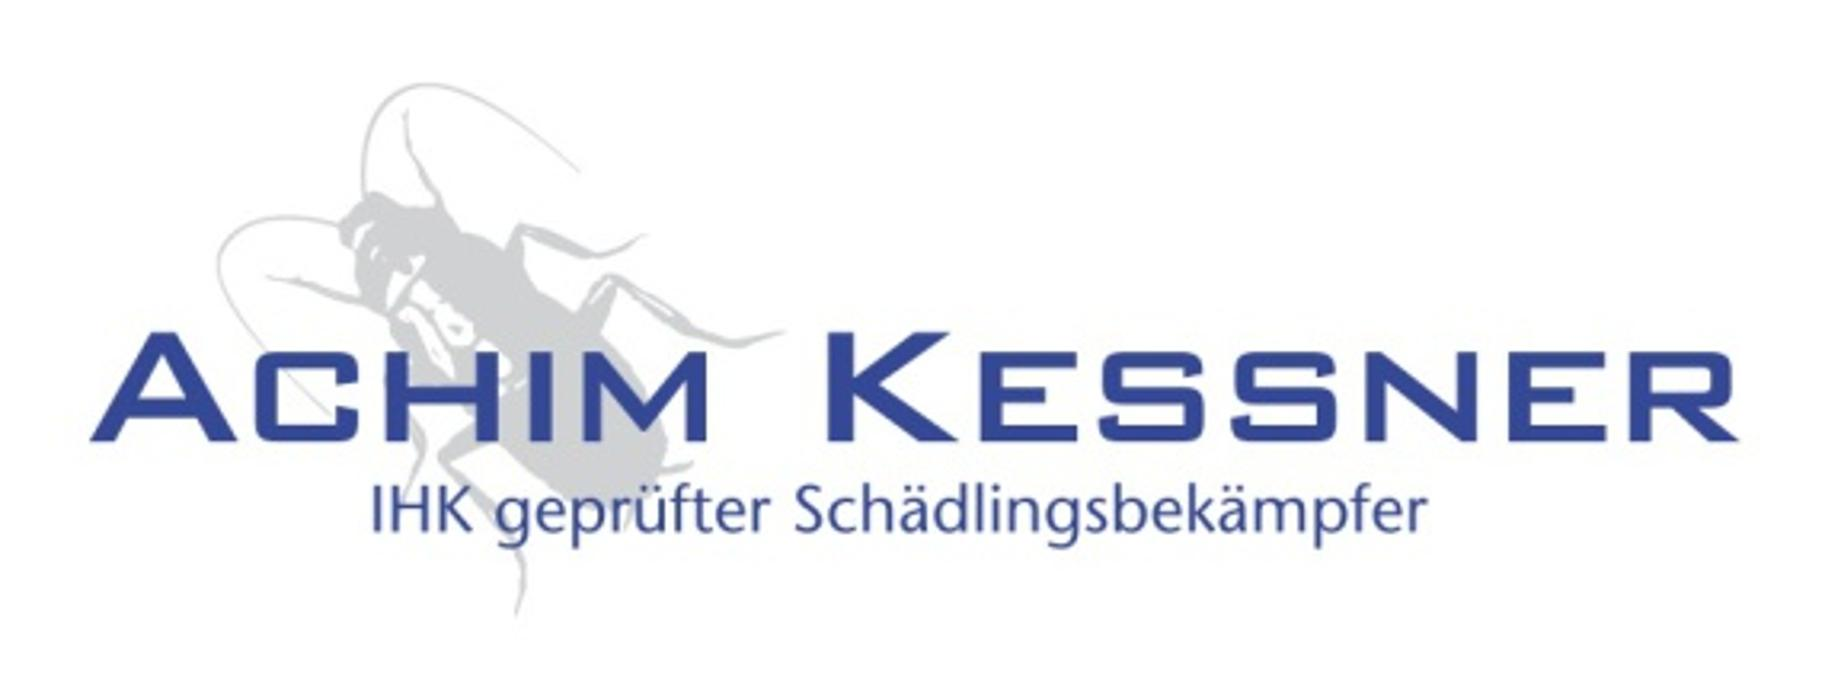 Bild zu Achim Kessner Schädlingsbekämpfung in Duisburg